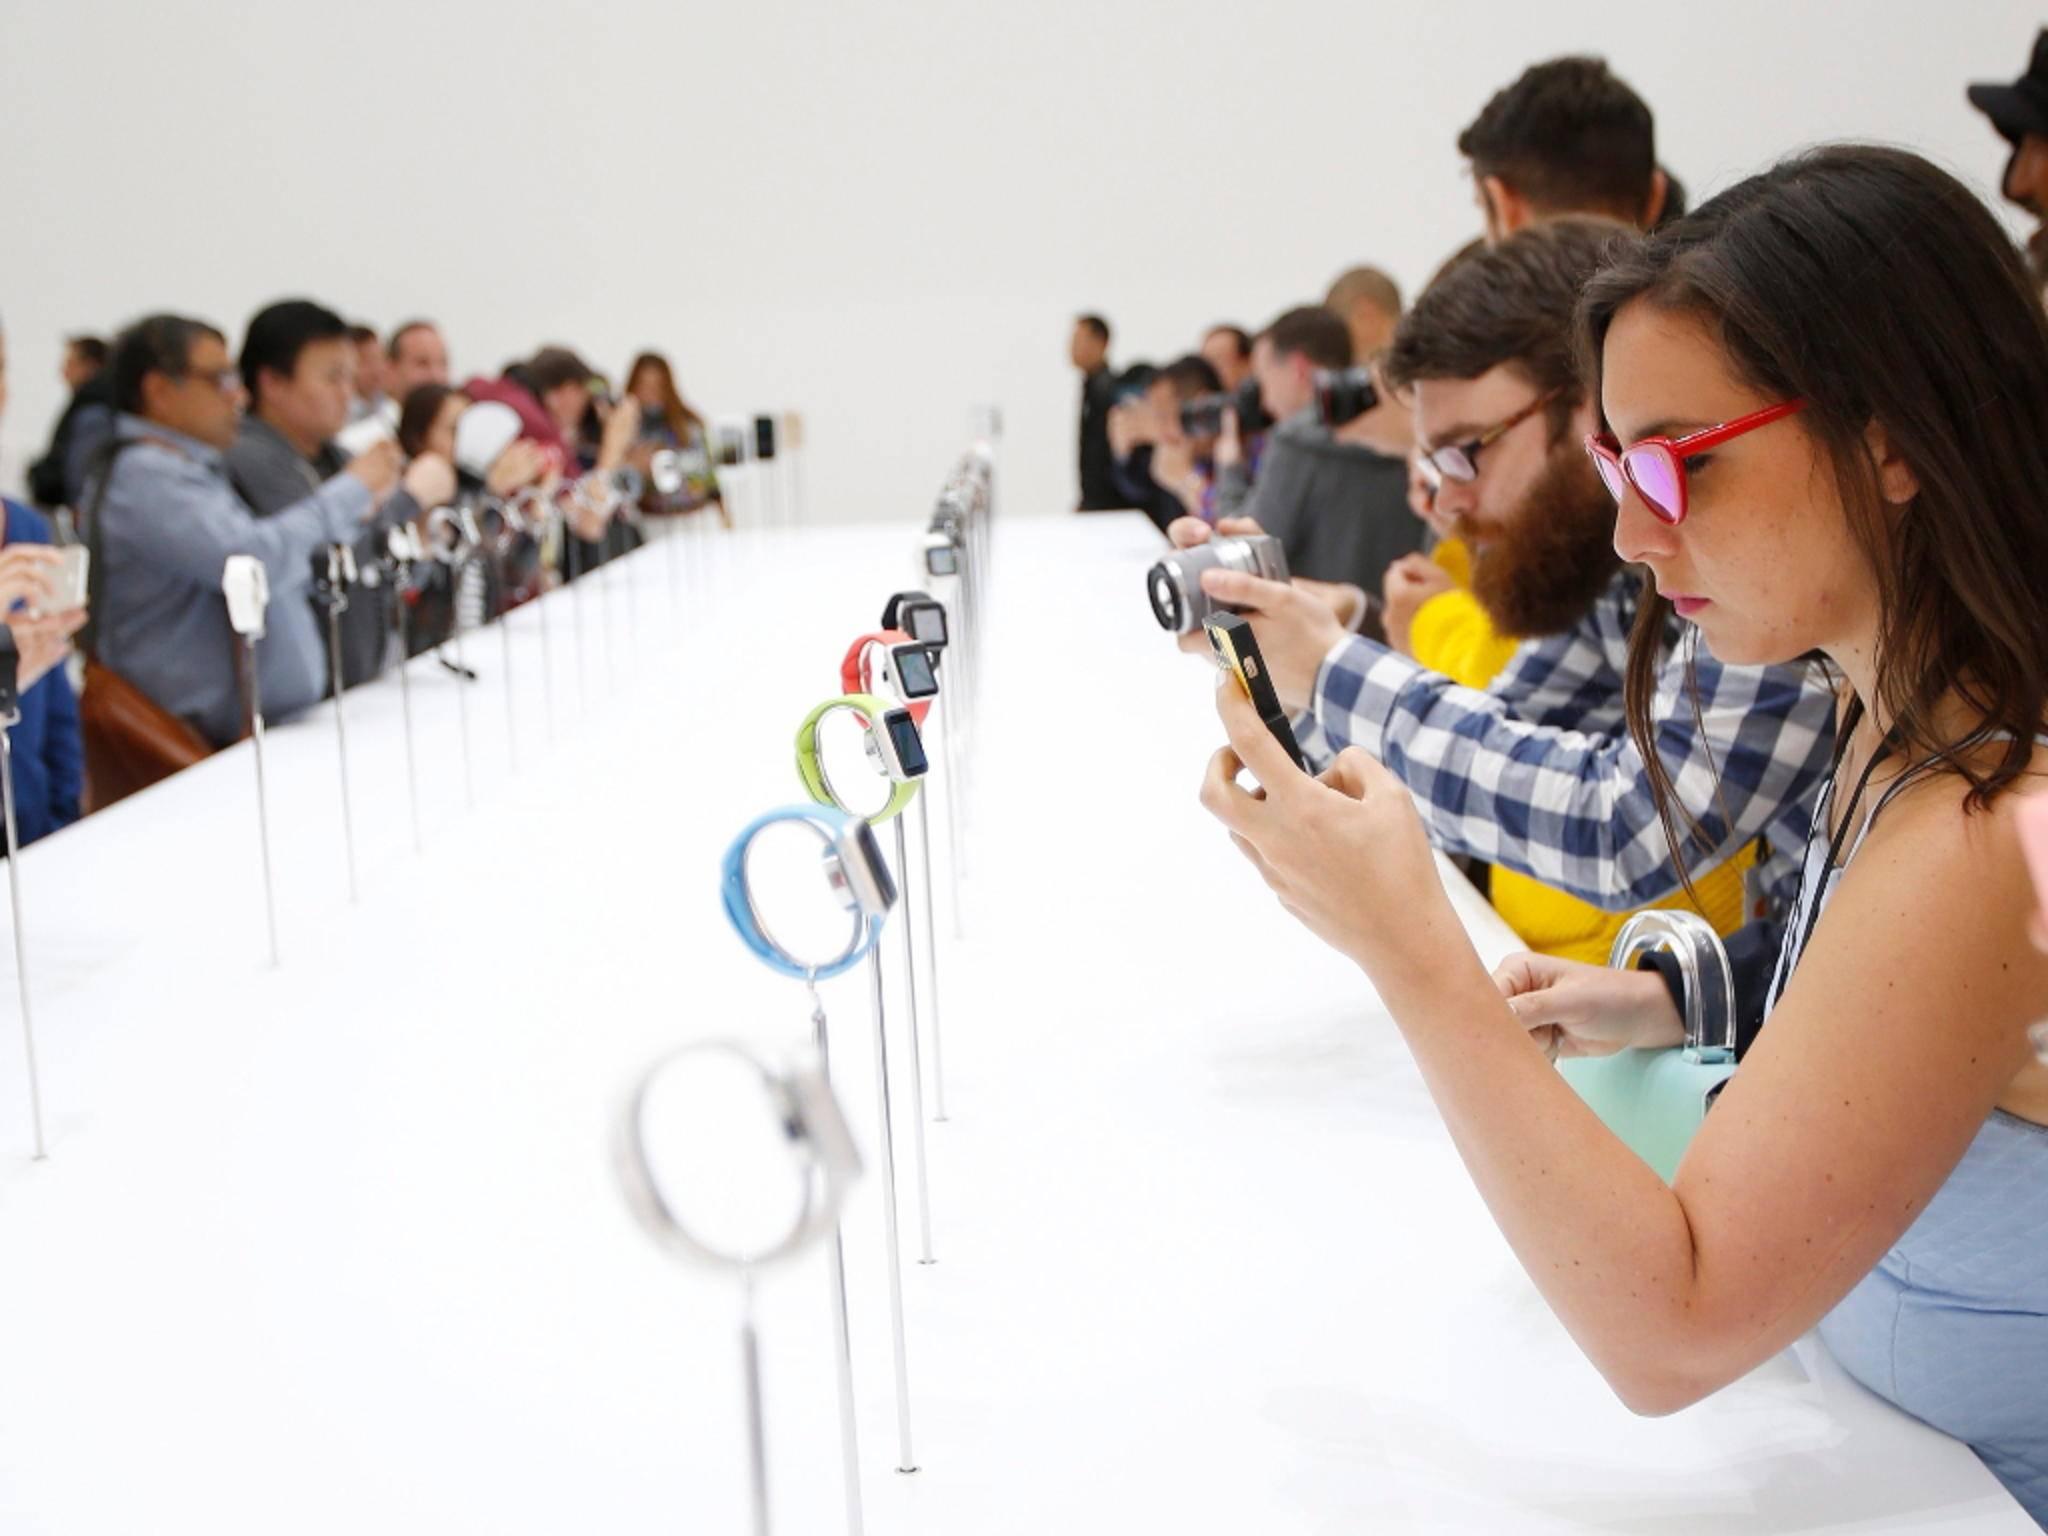 Die Apple Watch soll viel können – aber braucht man sie auch? Ein Finanzprofi aus den USA ist skeptisch.